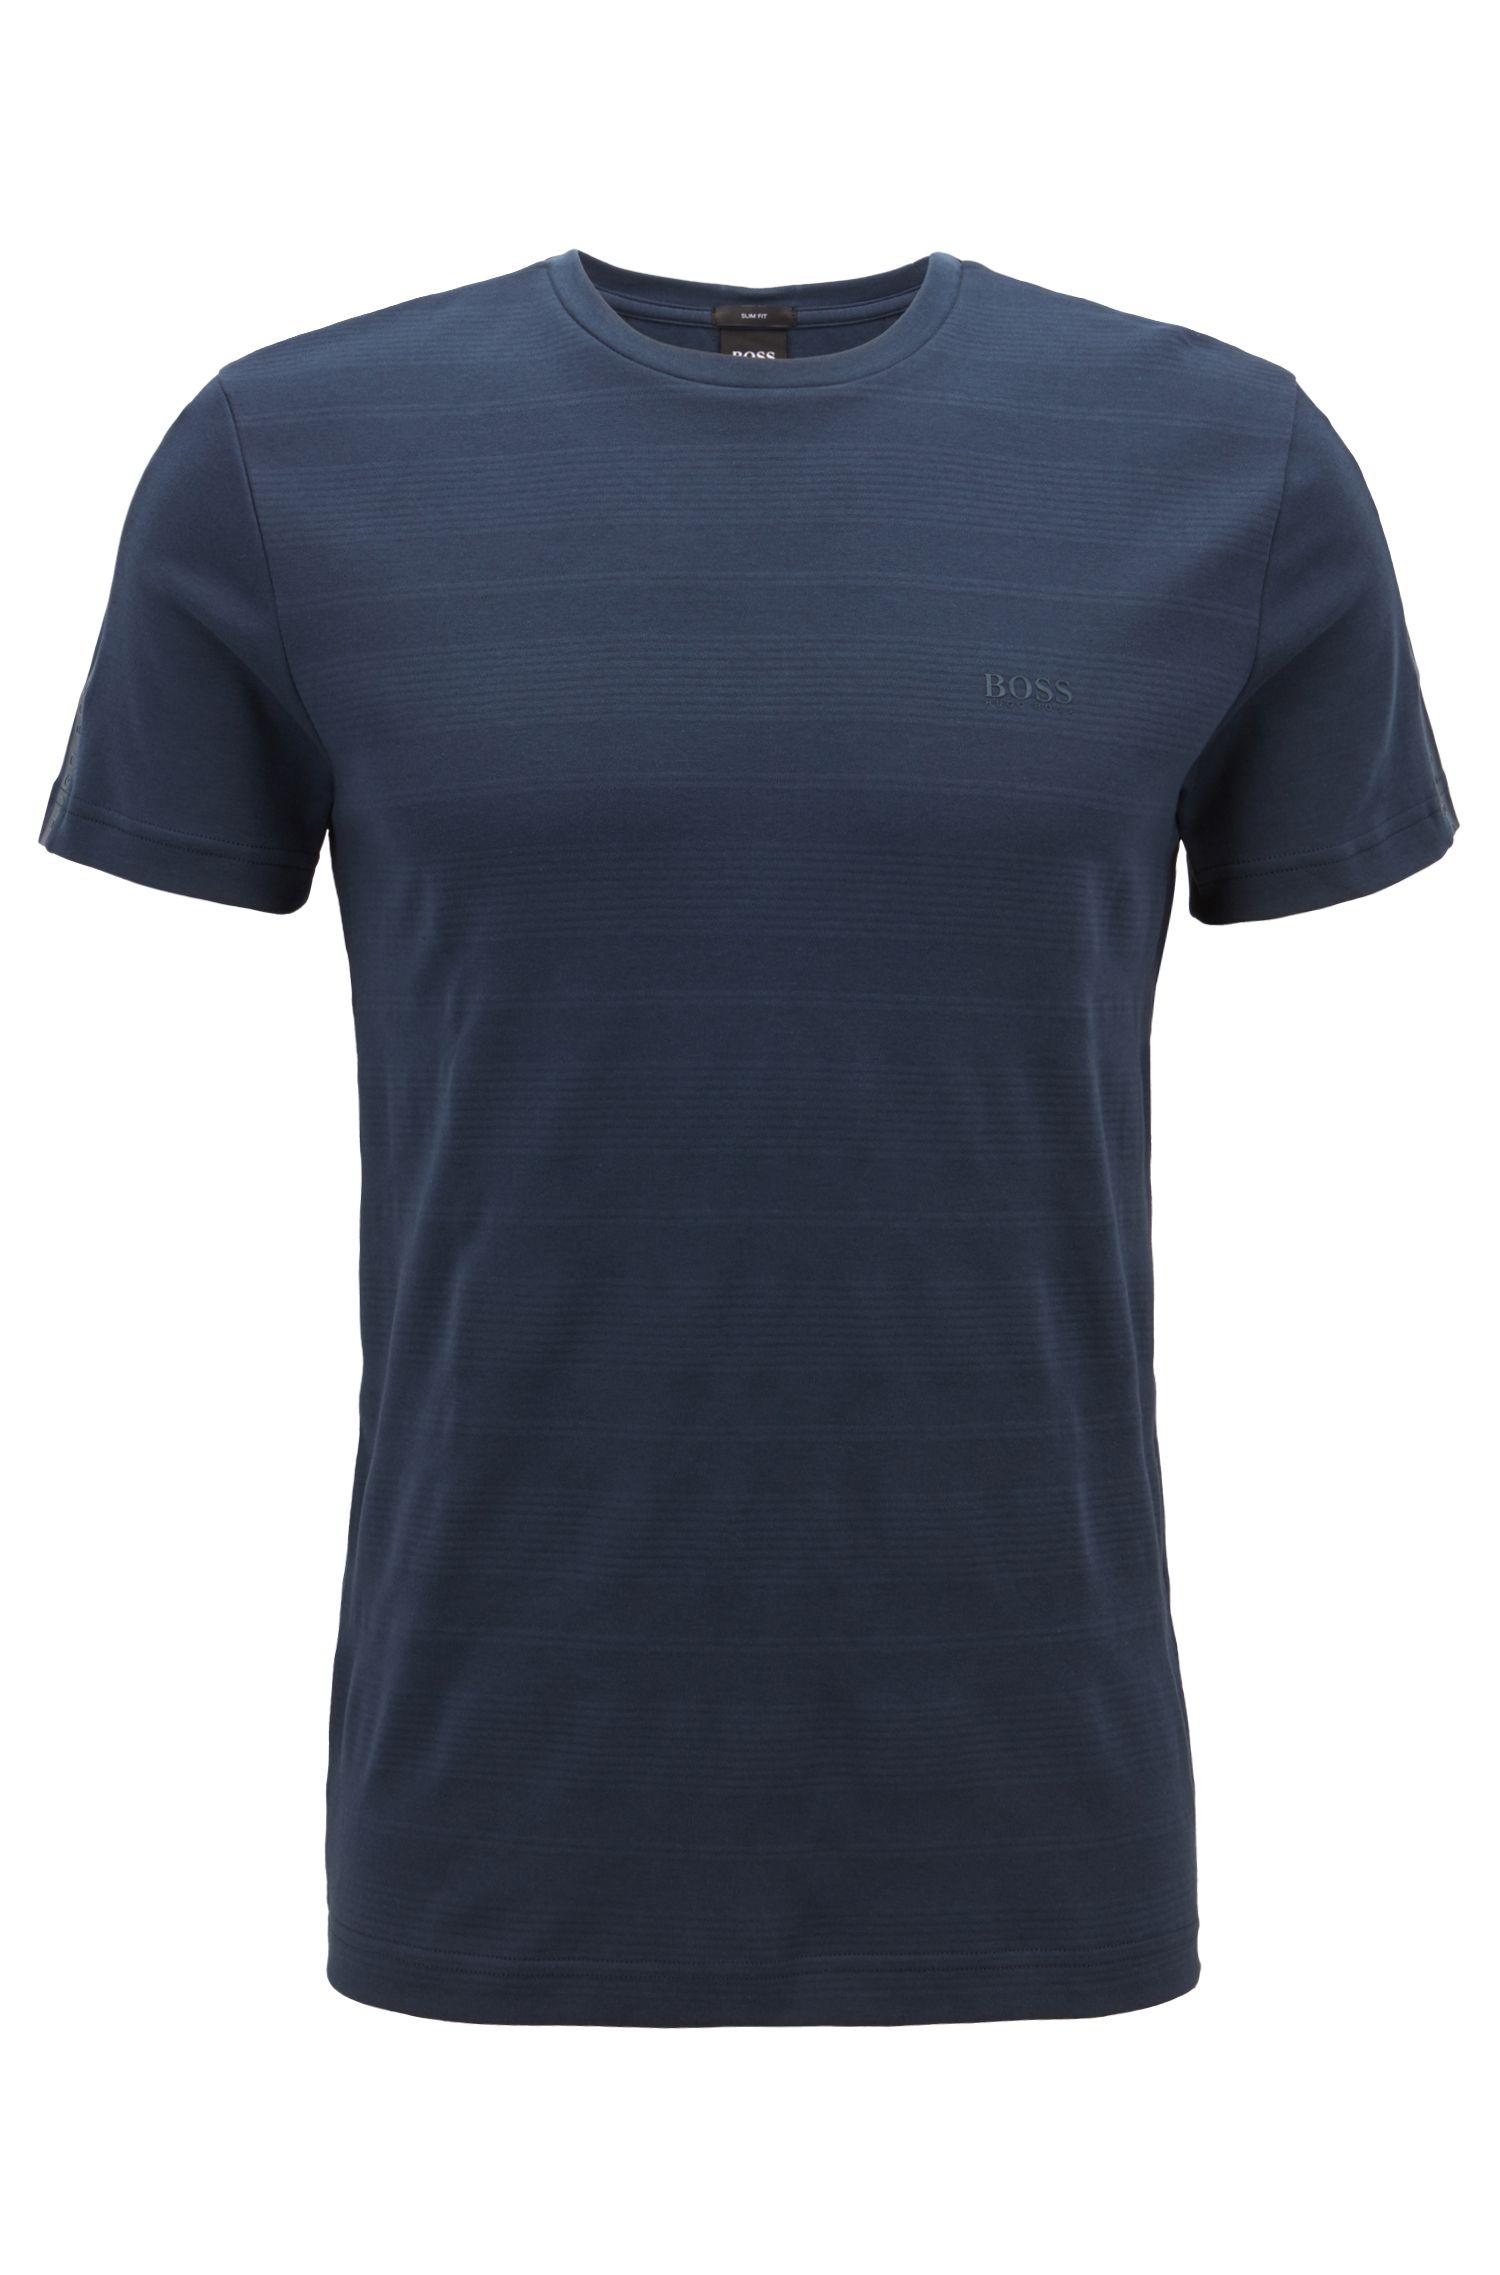 T-Shirt aus Baumwolle mit Logo-Tape an den Ärmeln, Dunkelblau